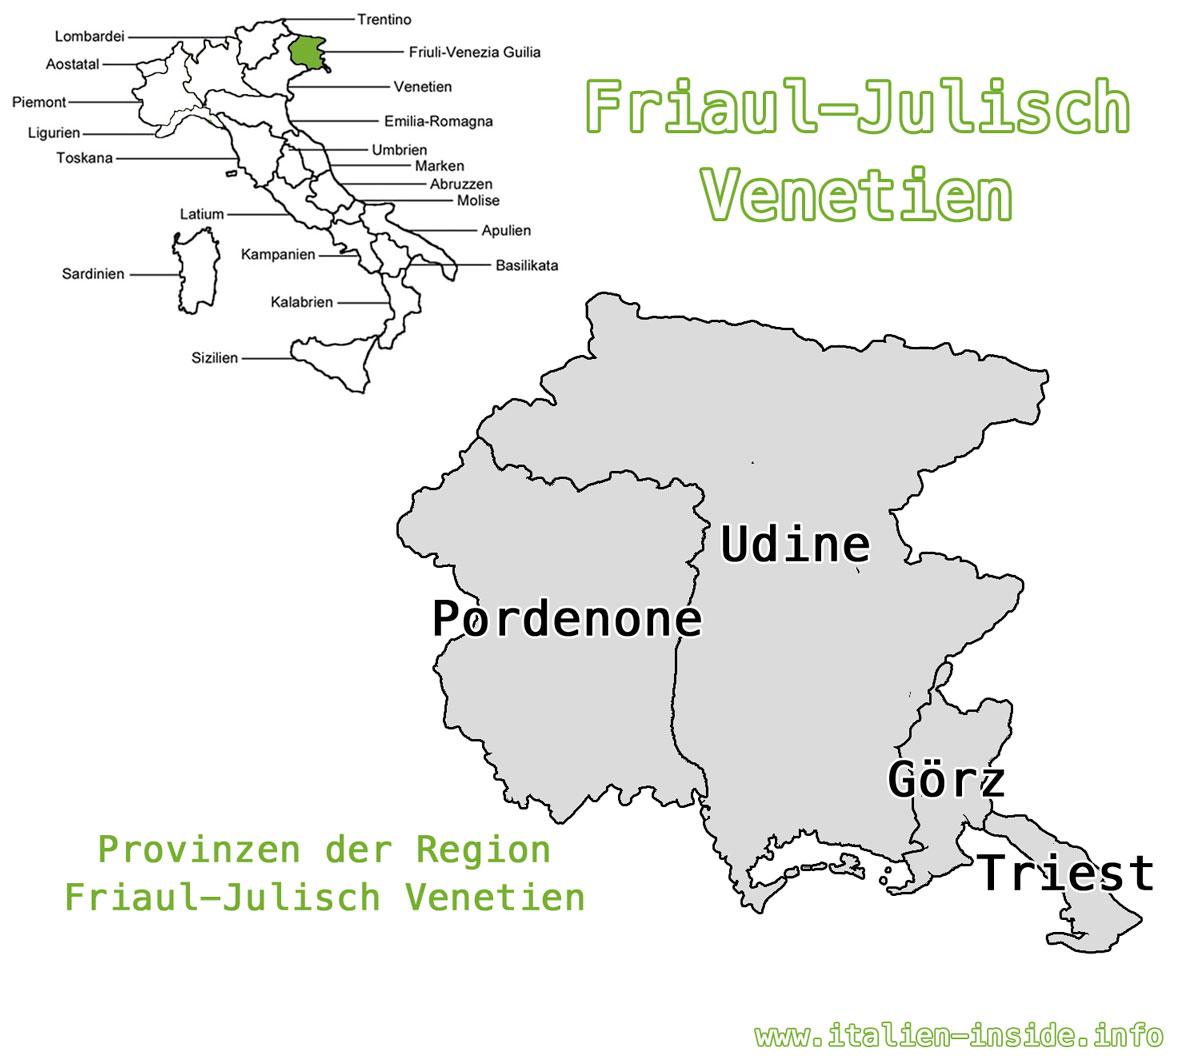 Karte-Friaul-Julisch-Venetien-Provinzen